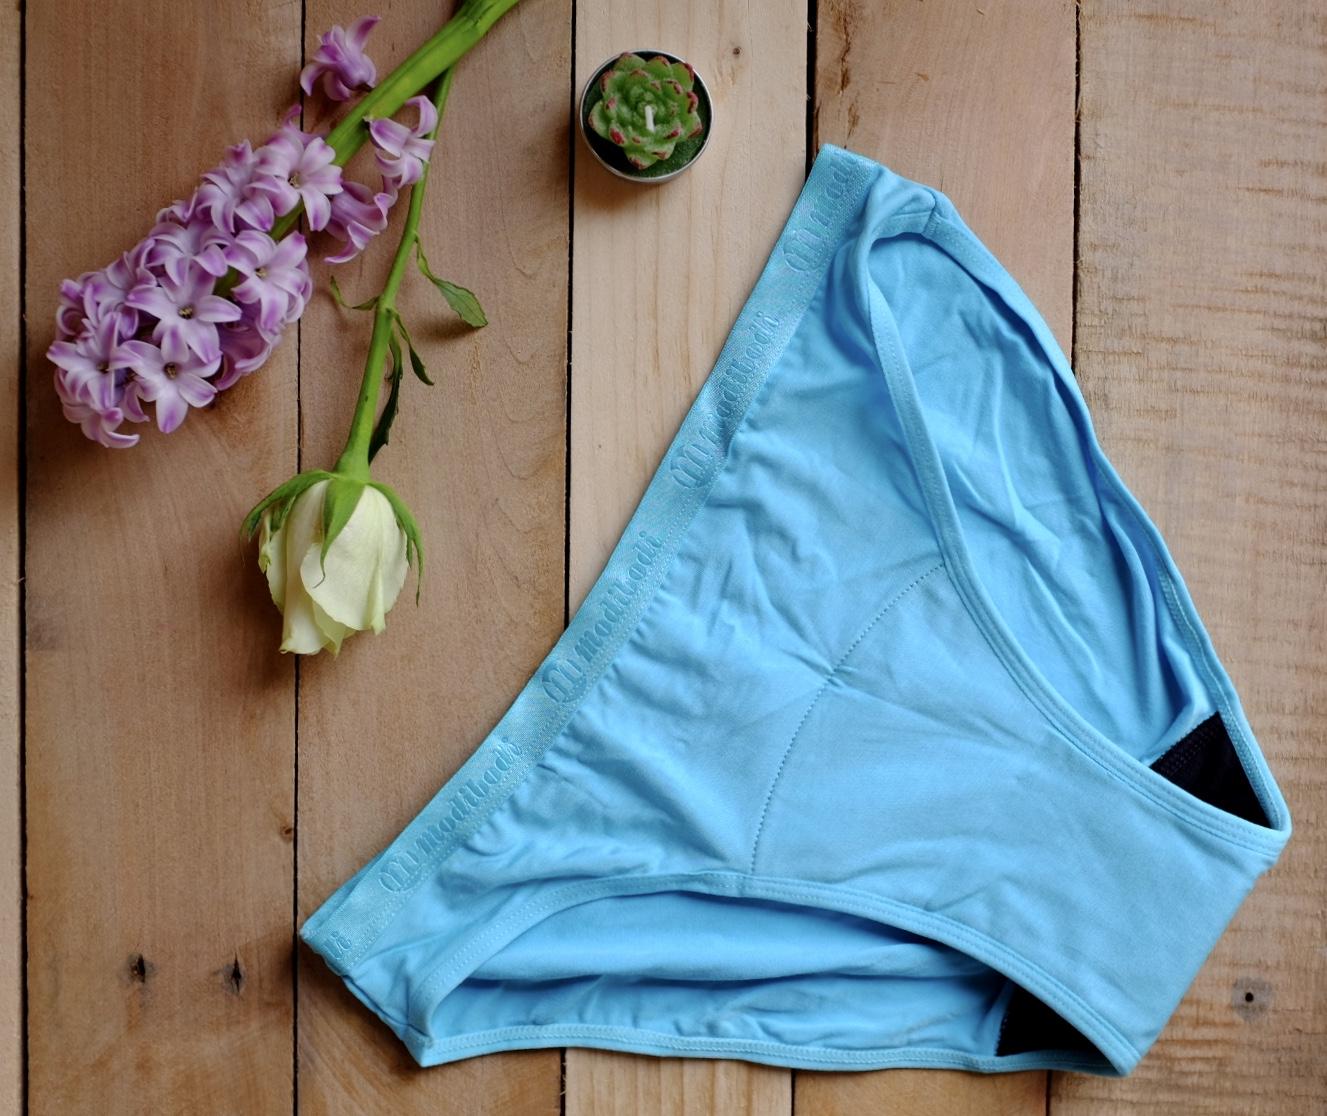 Underwear from Modibodi